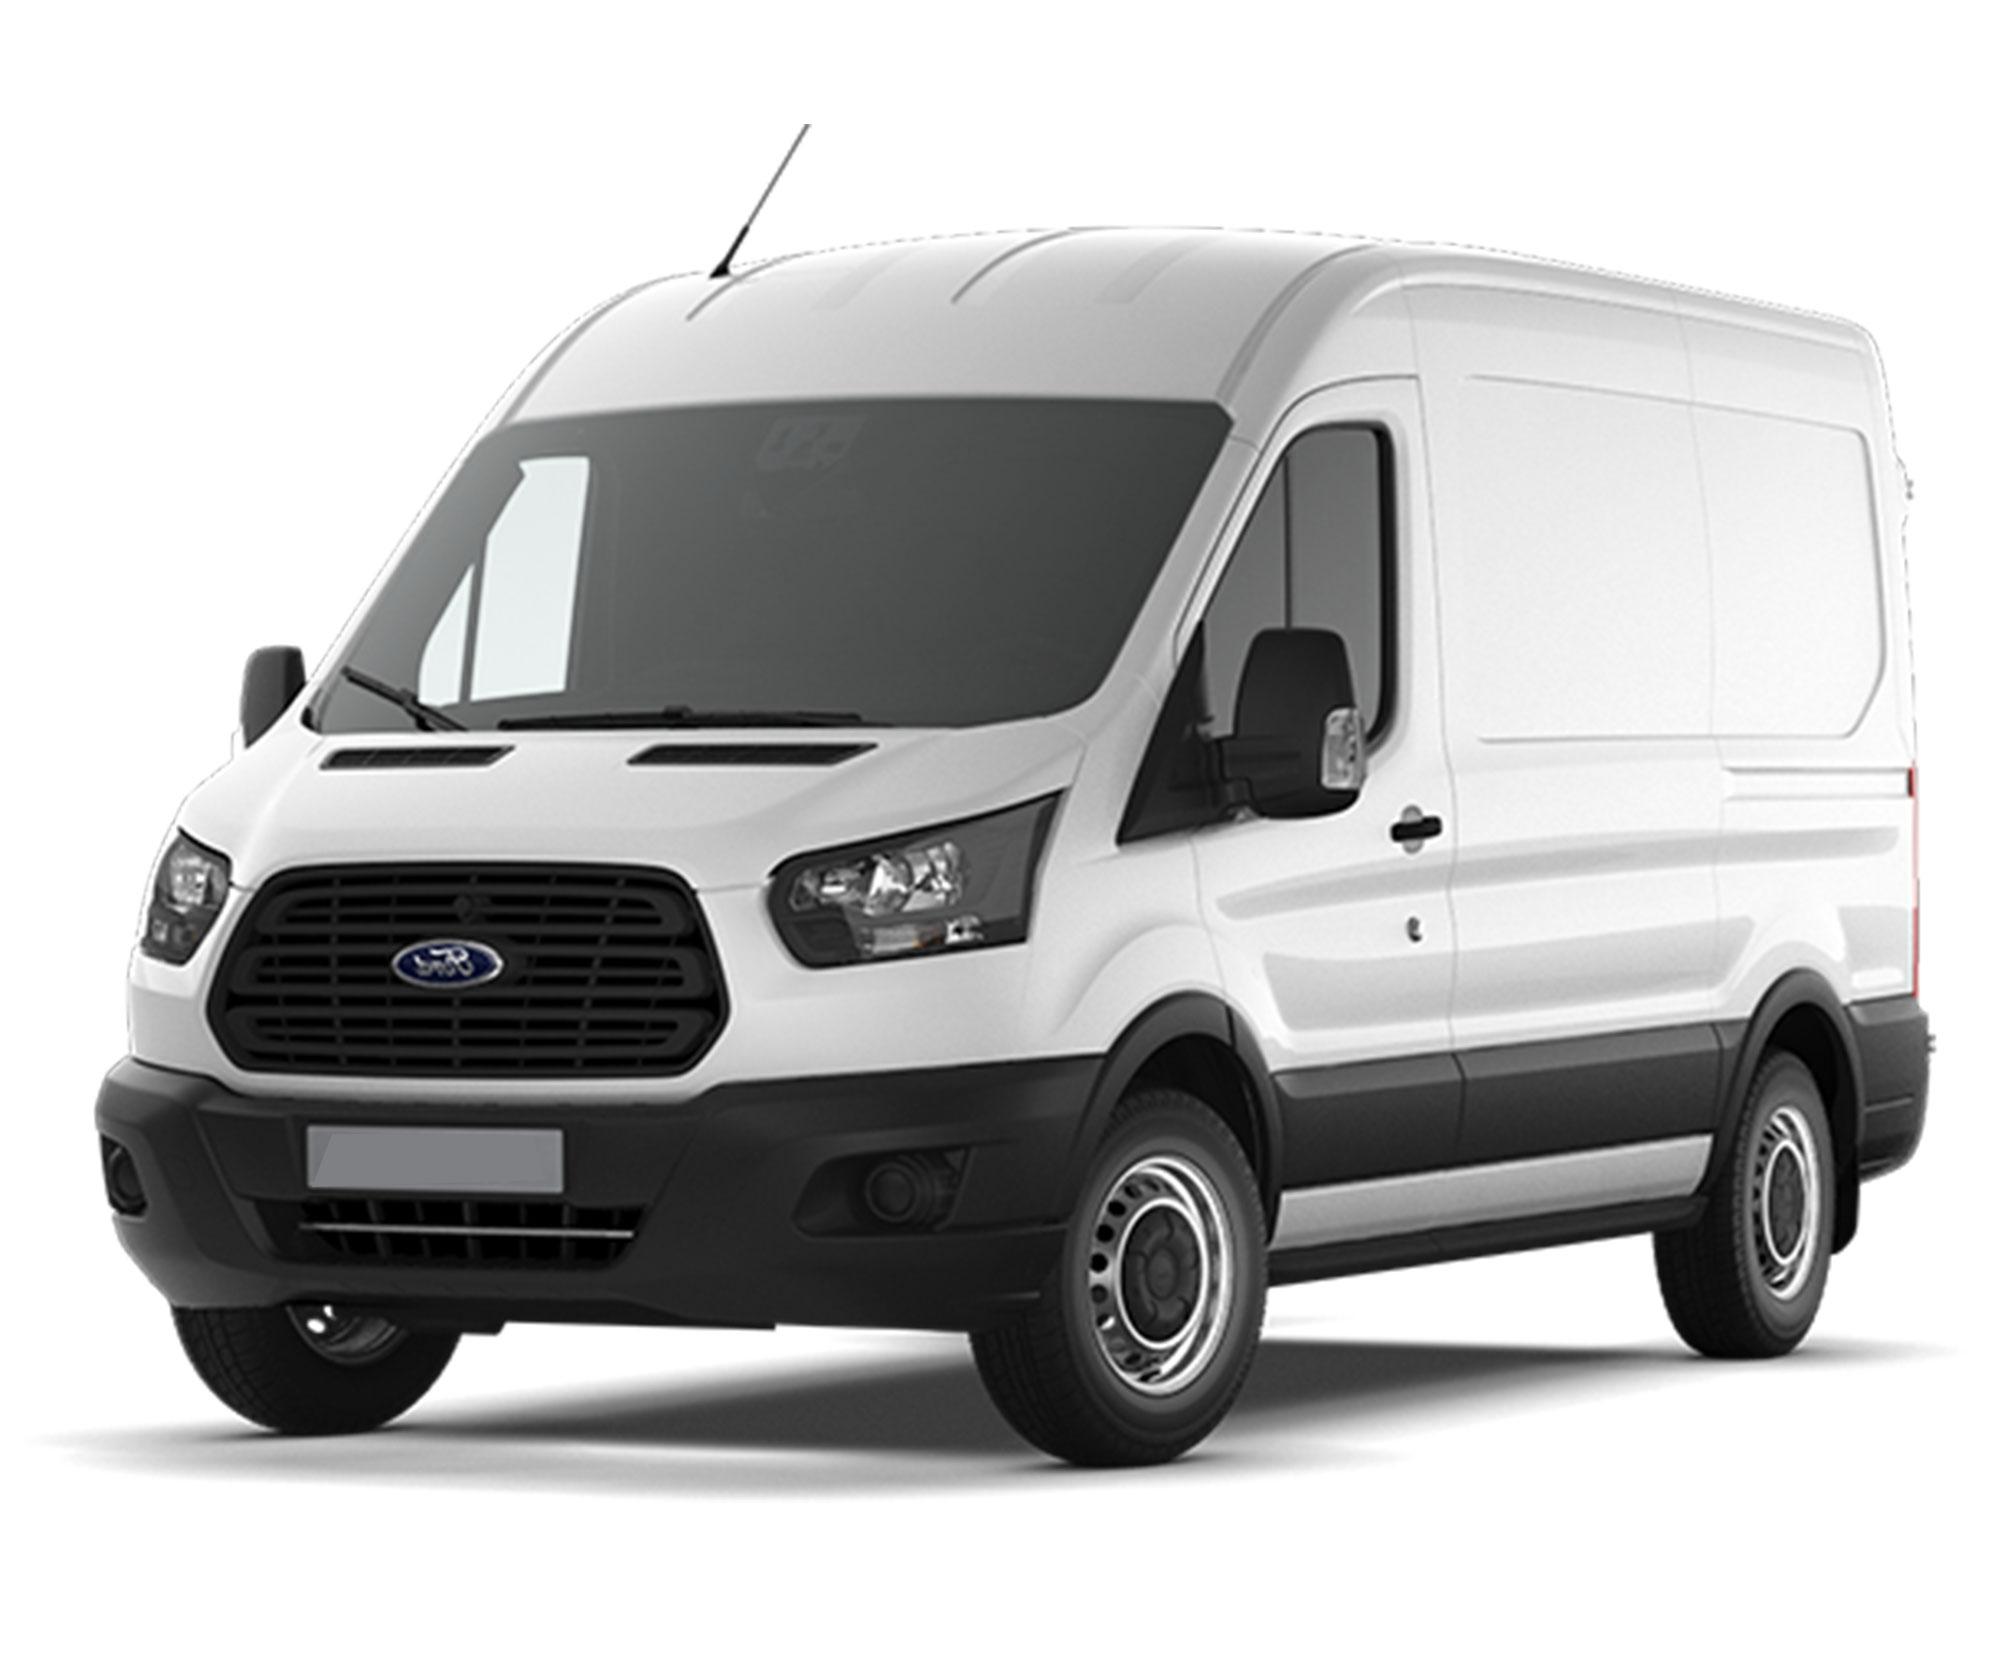 acda3c67150df7 Van Hire - 2 - Anker Vehicle Hire